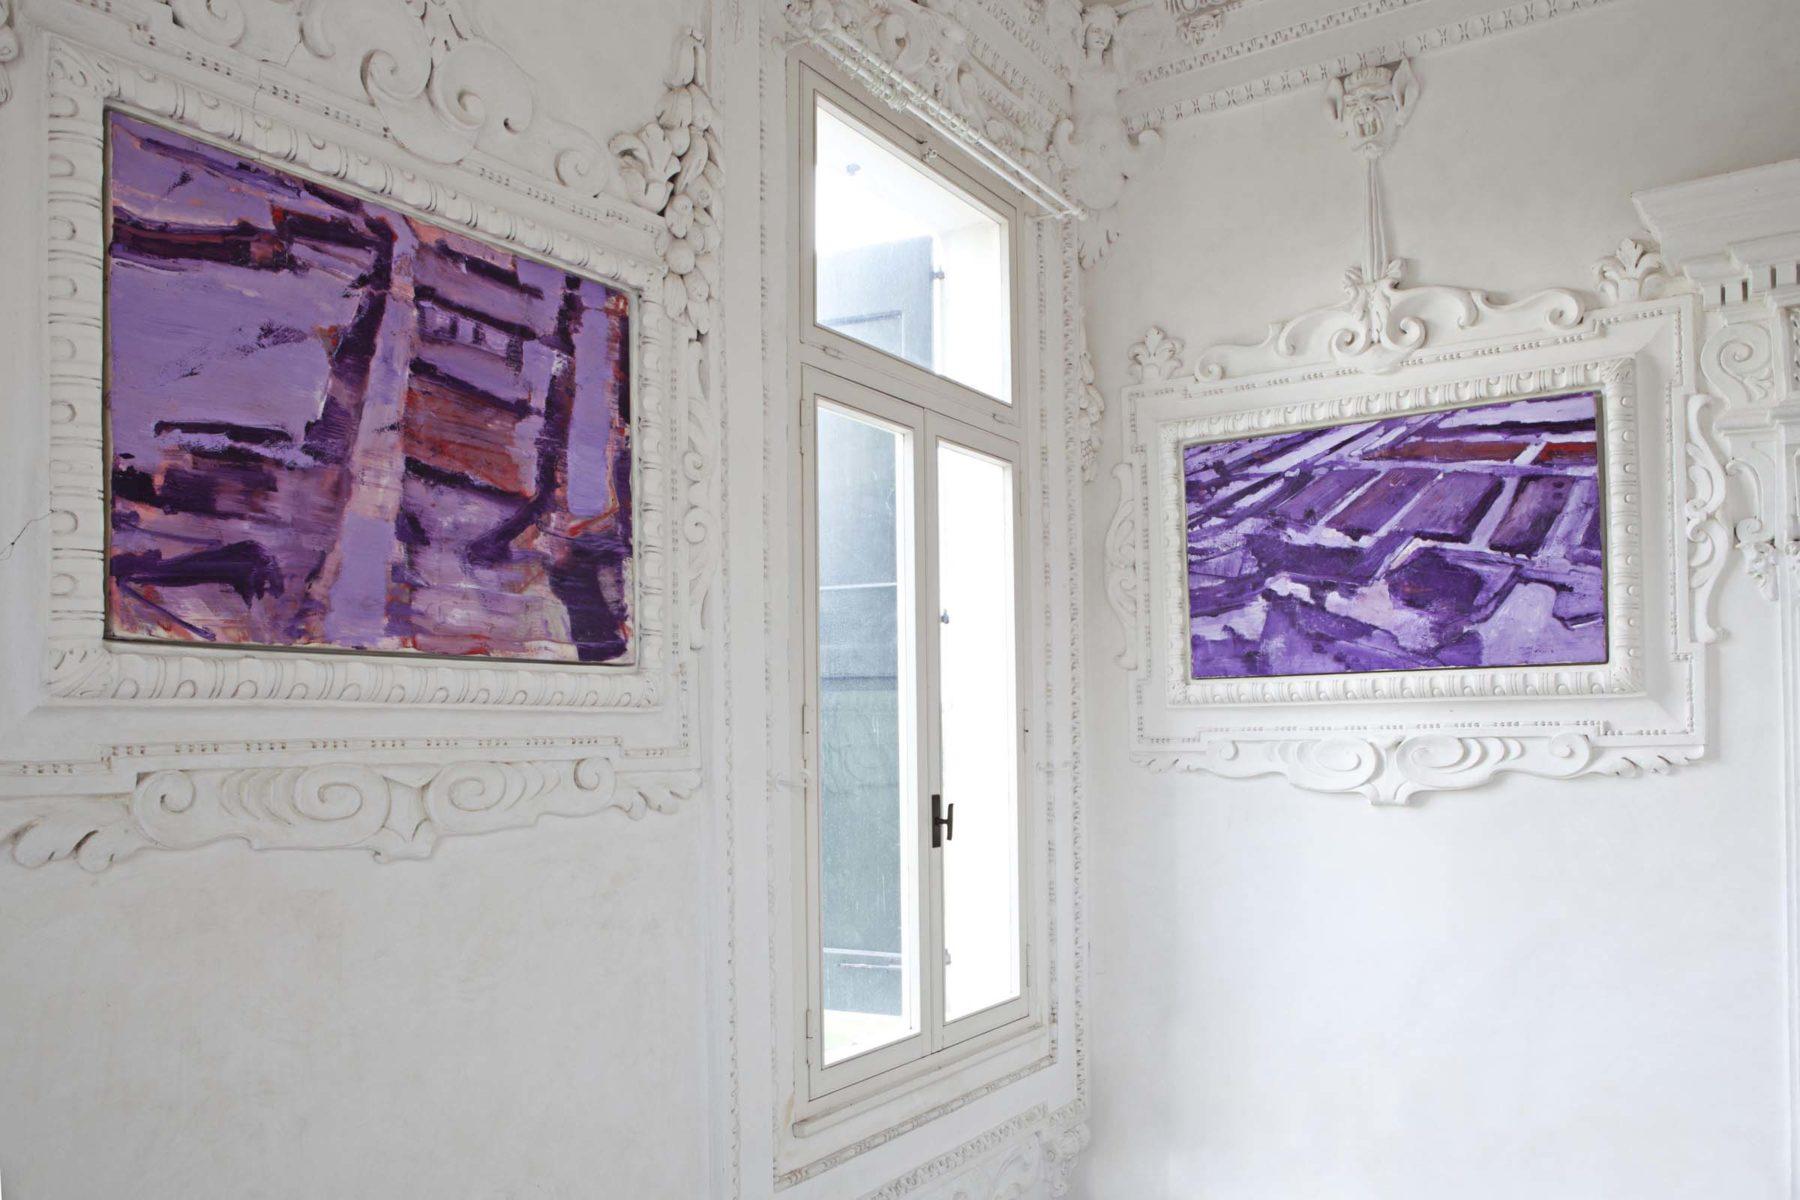 G.Frangi, Mappe, 2012, tecnica mista su tela, presso Villa Morosini, ph.a.frangi 03